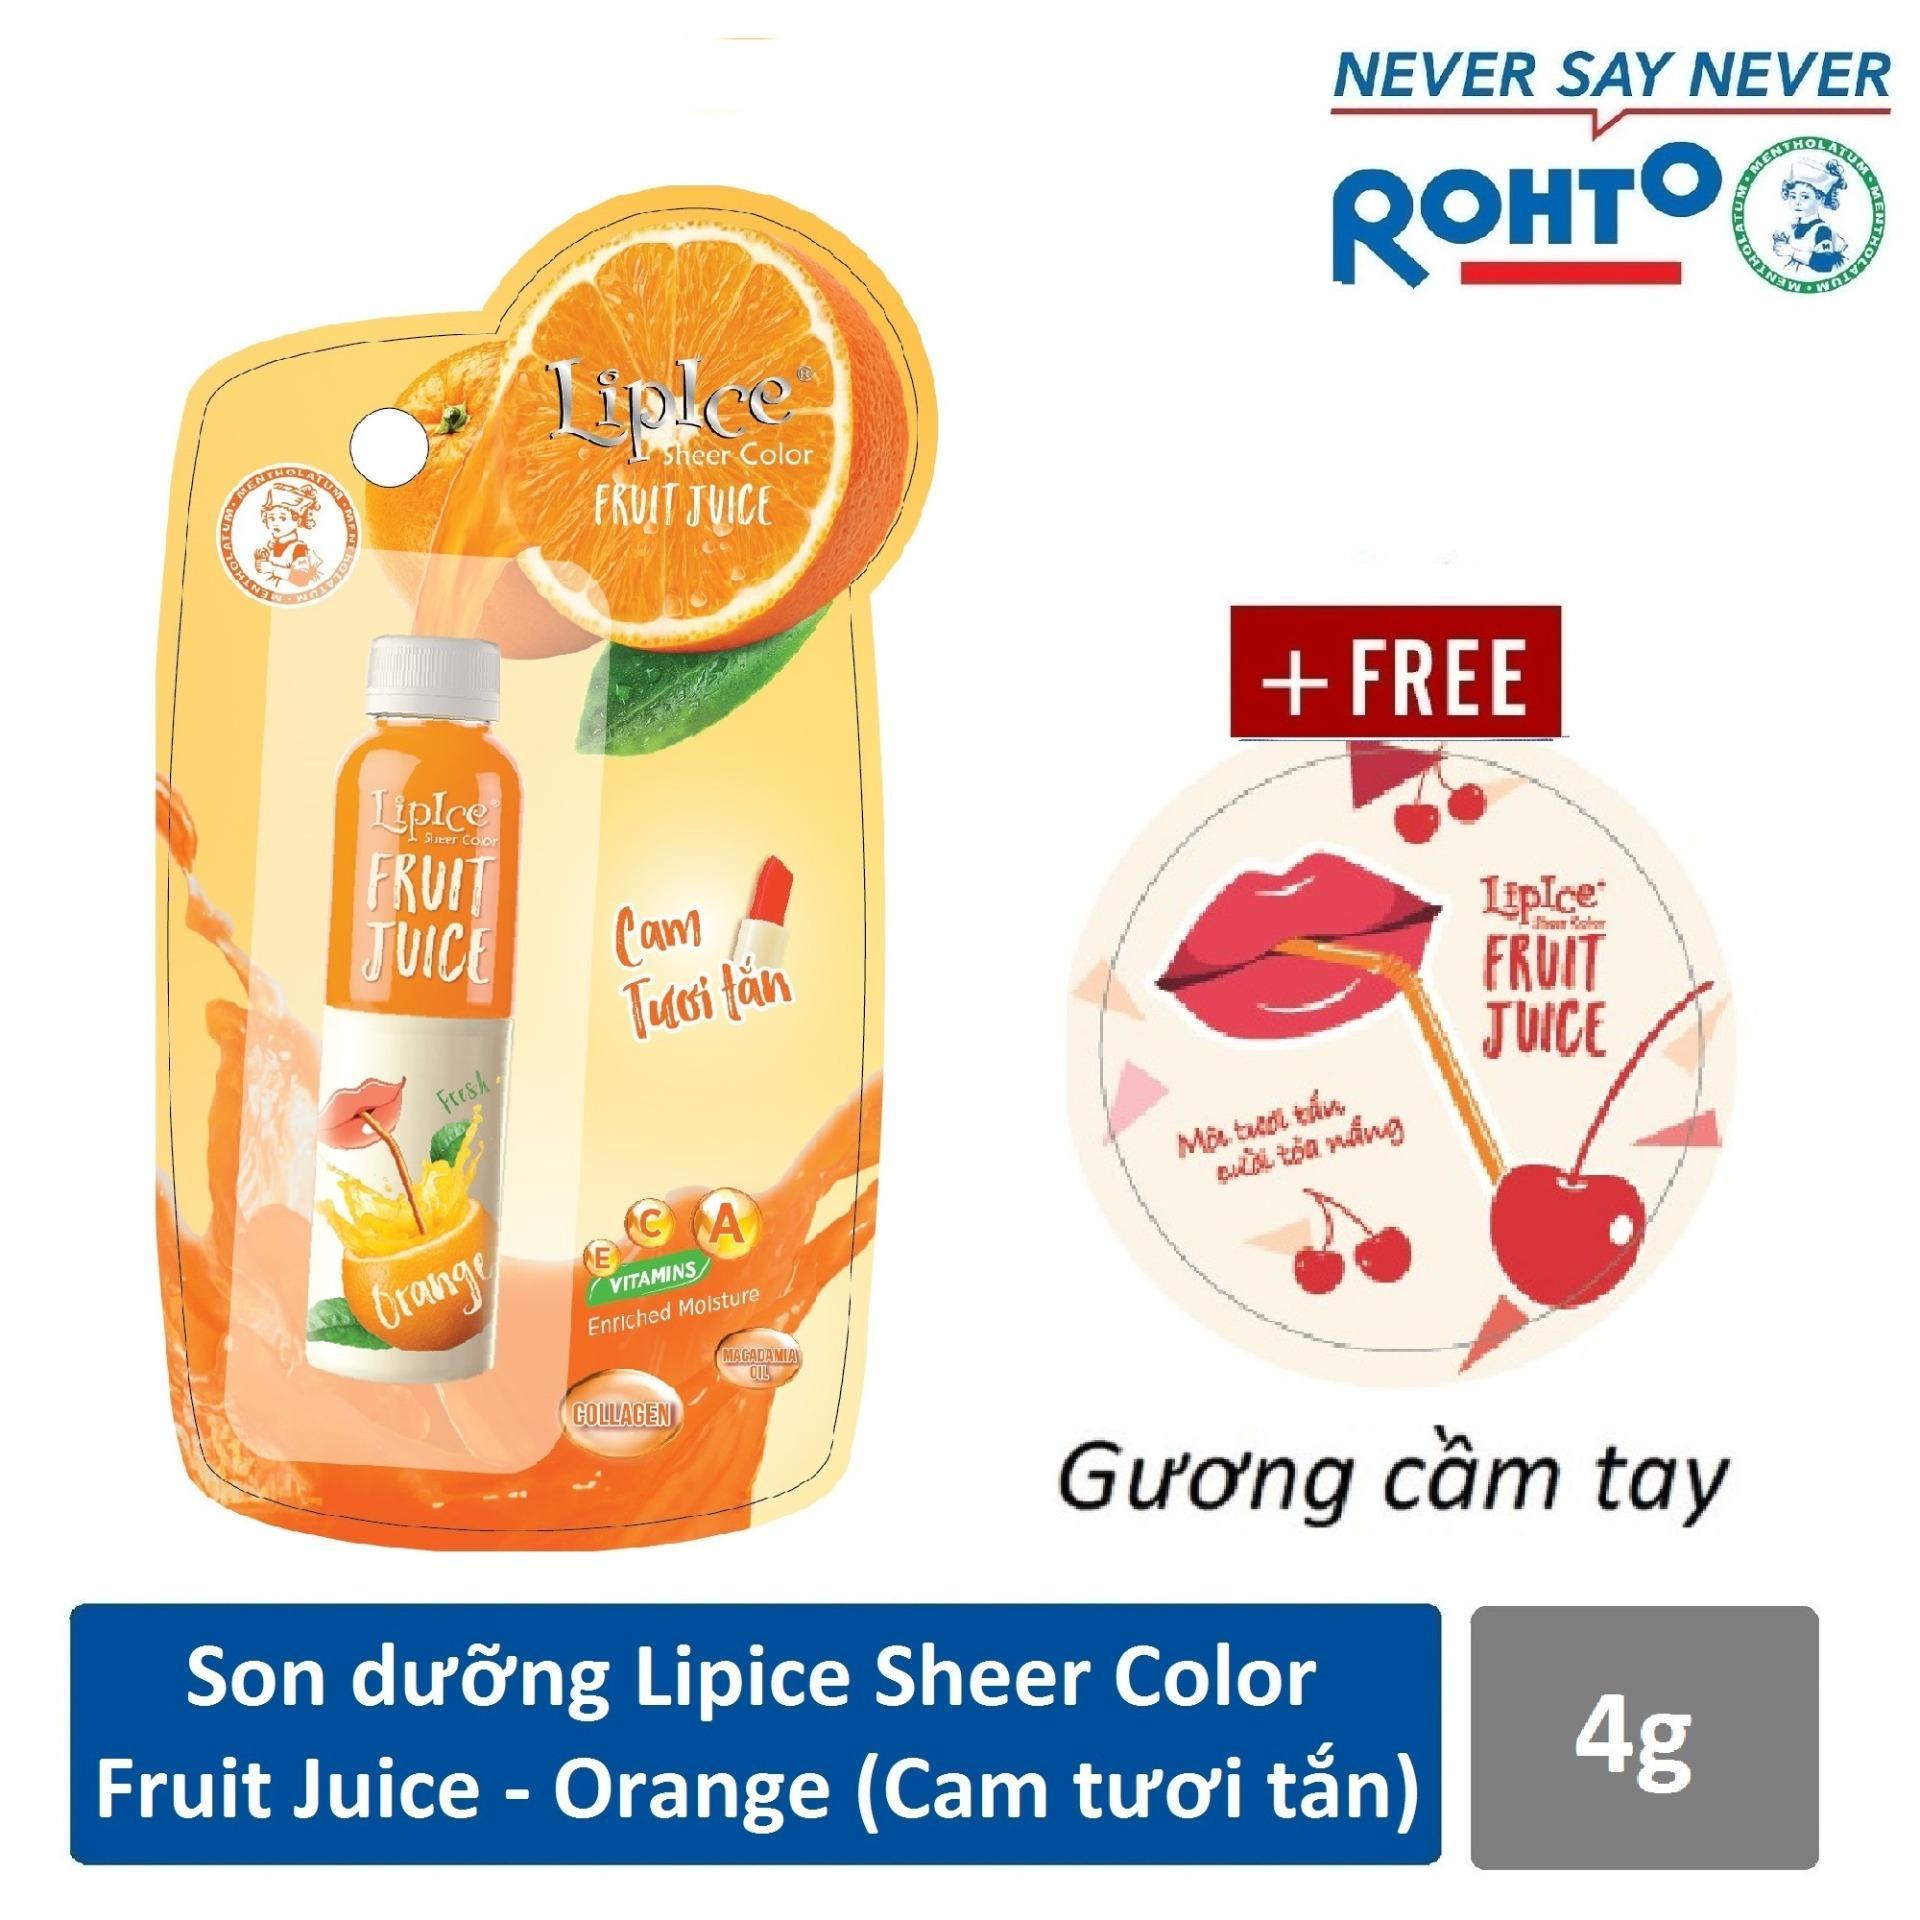 Son dưỡng chiết xuất trái cây Lipice Sheer Color Fruit Juice Orange 4g (Cam Tươi Tắn) + Tặng gương cầm tay xinh xắn